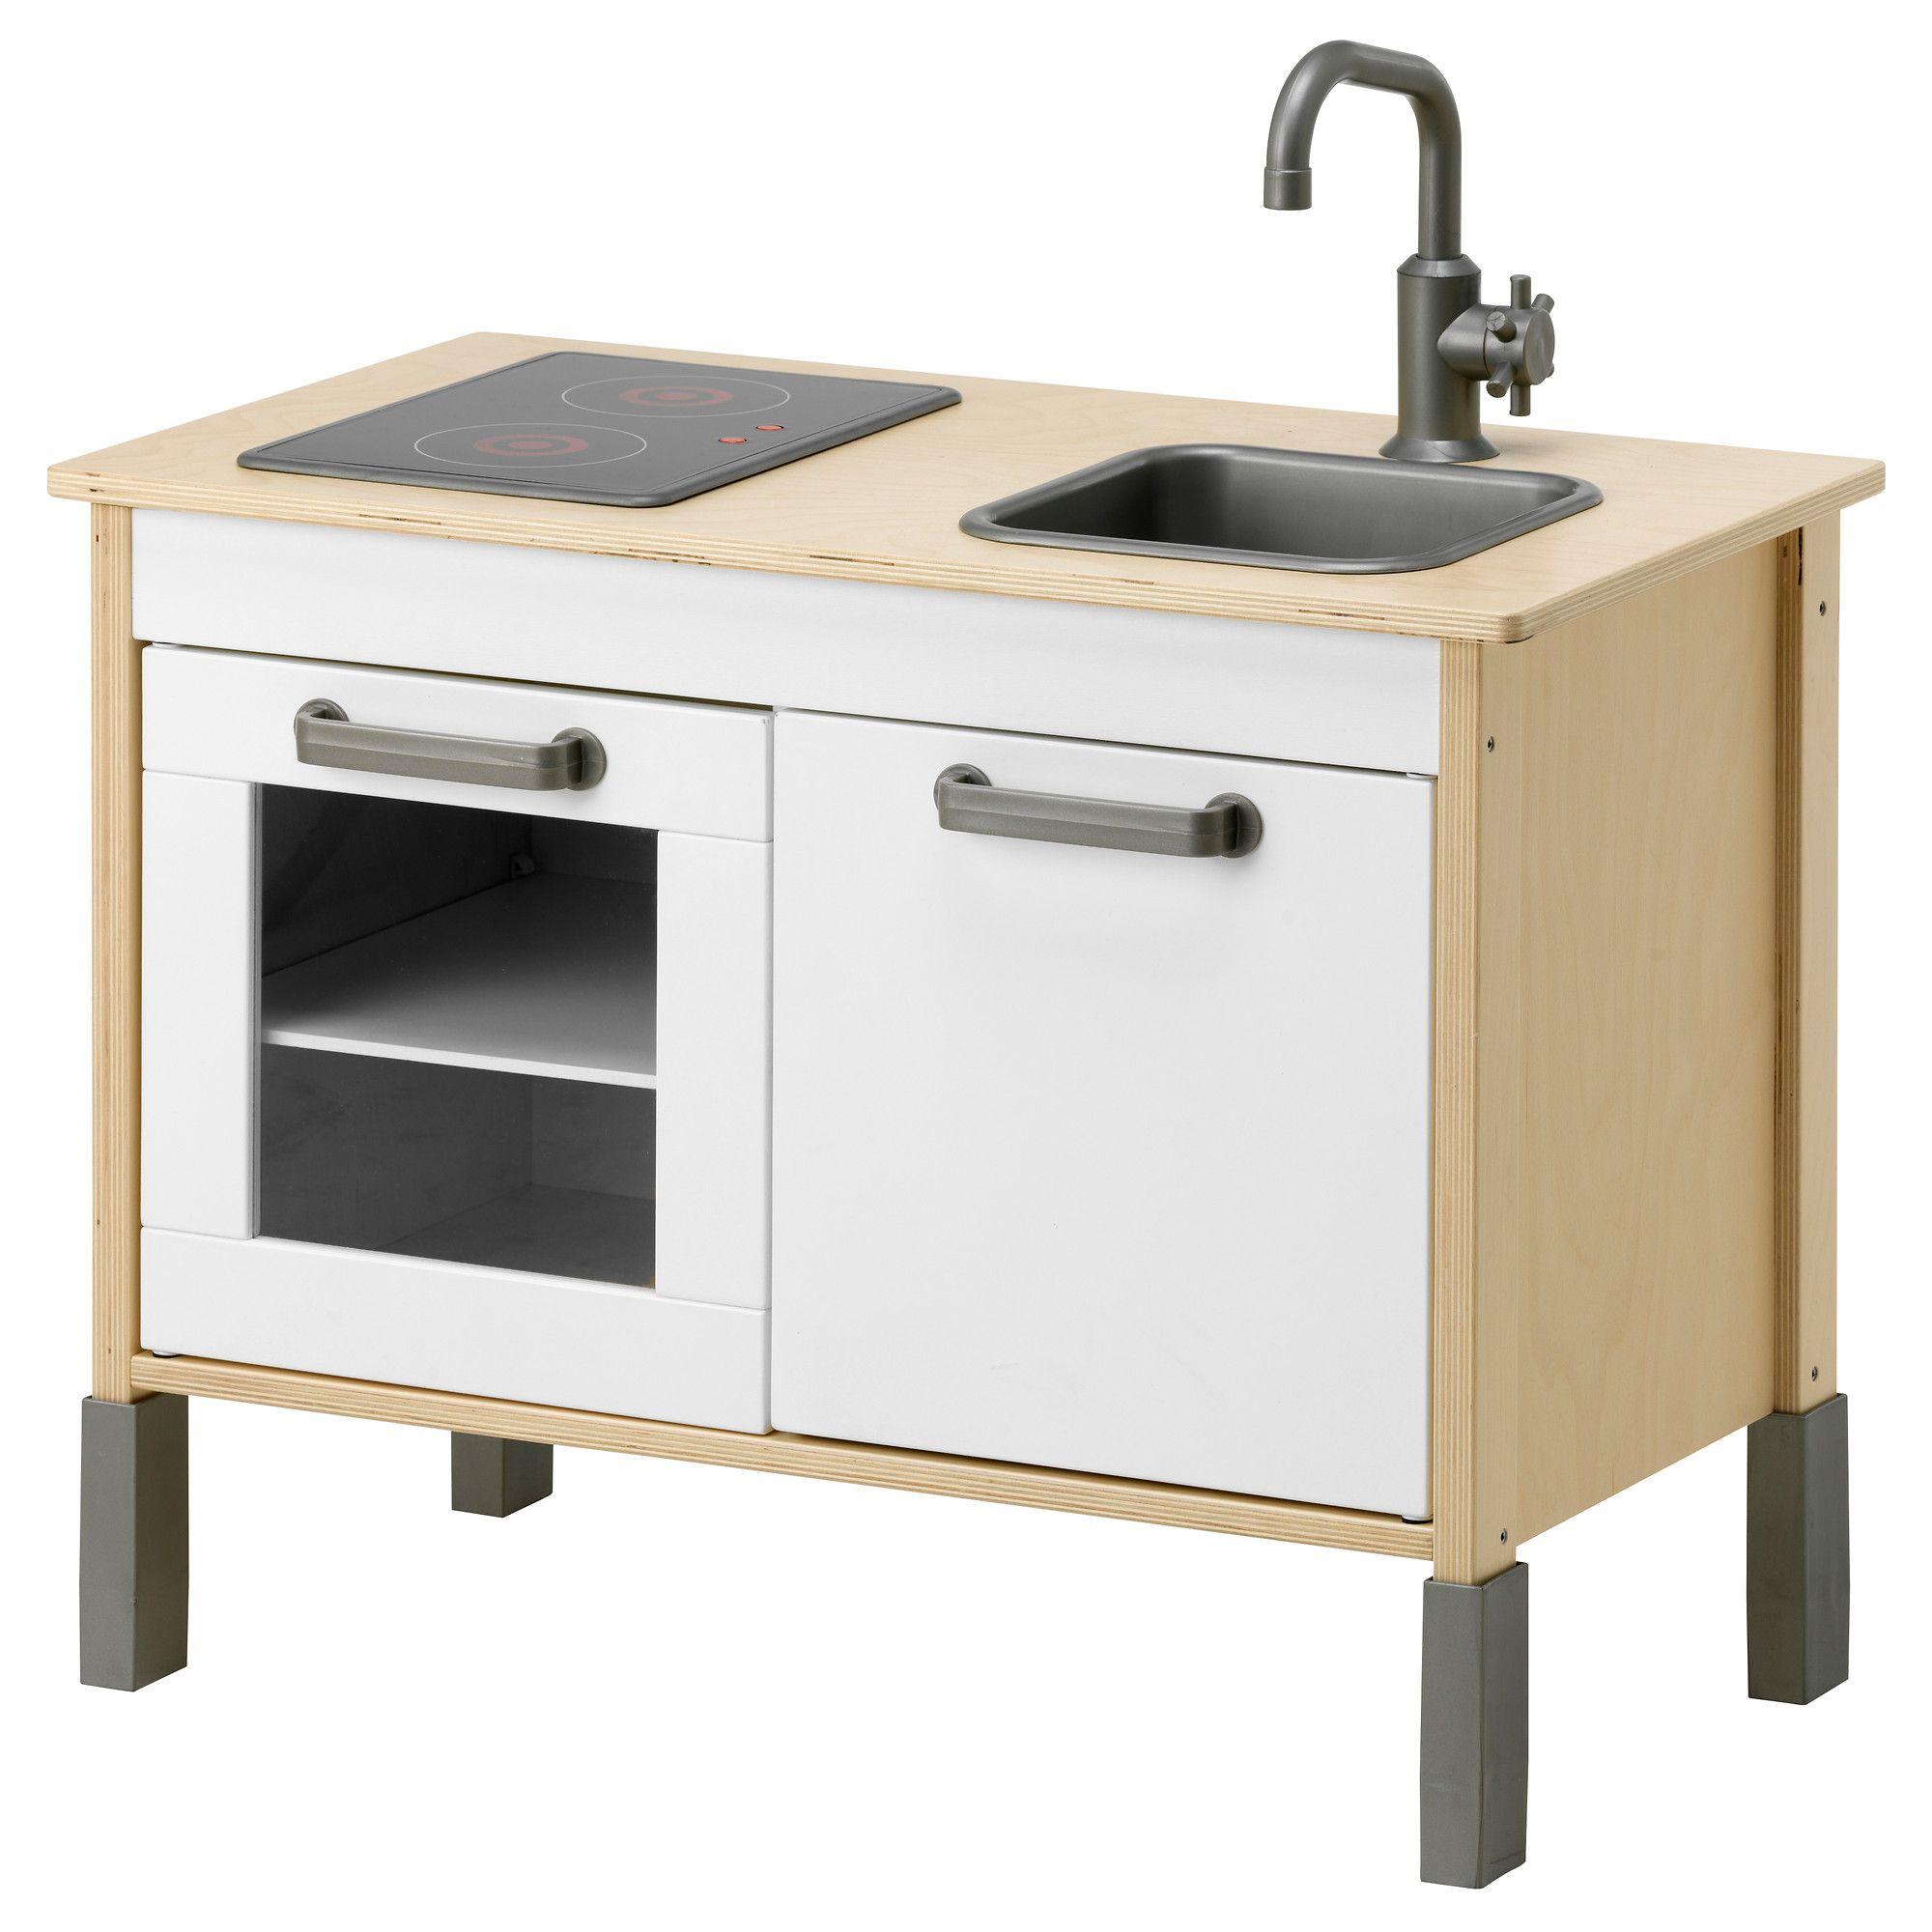 DUKTIG Minikitchen IKEA jyselles future play kitchen